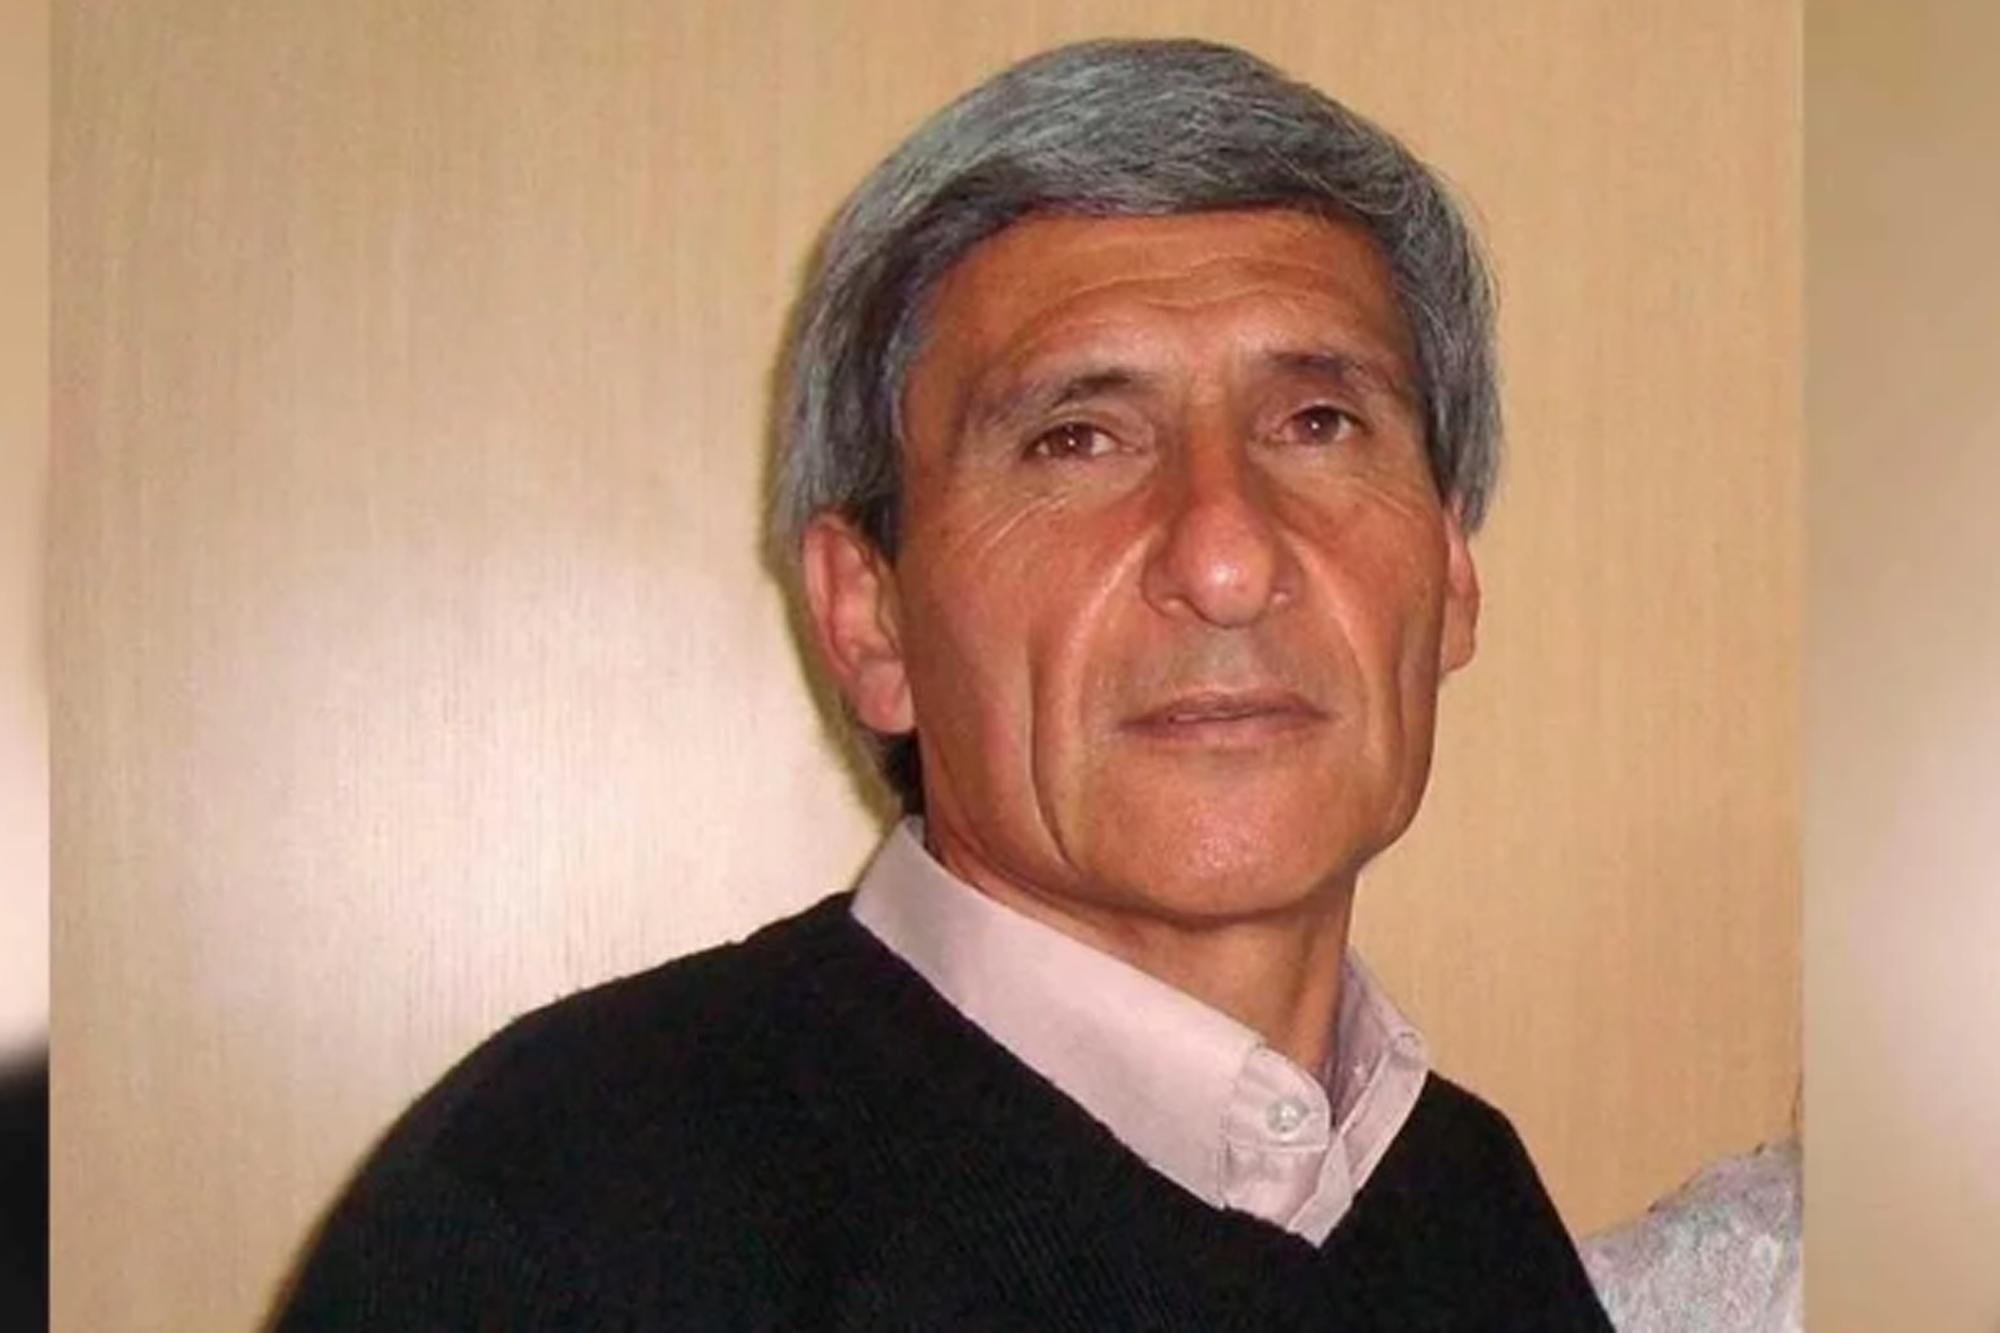 Un dirigente peronista denunció que lo secuestraron para ocultar que estaba con su amante